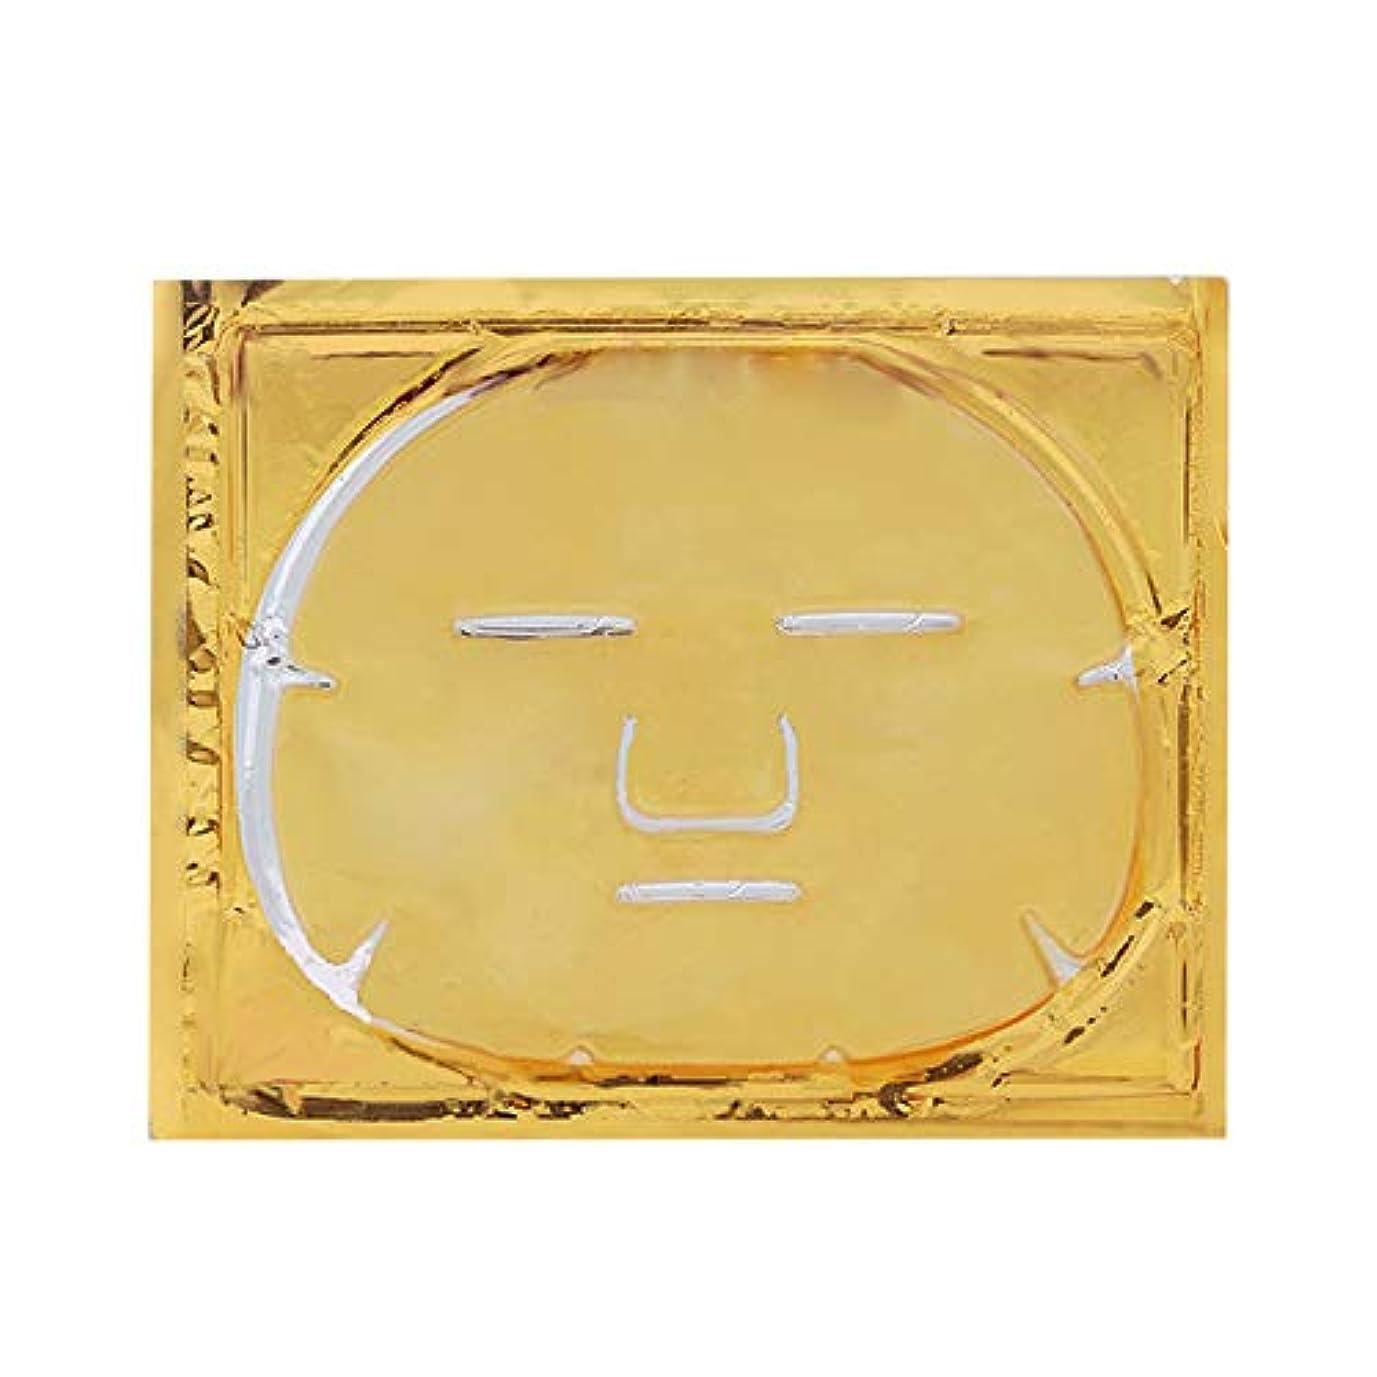 ところでを通して残り物SODIAL ゴールド ゲル コラーゲン 水晶フェイシャル?マスク シート パッチ アンチエイジング、美白、むくみ、しわ、保湿、深部組織の若返りと水分補給用